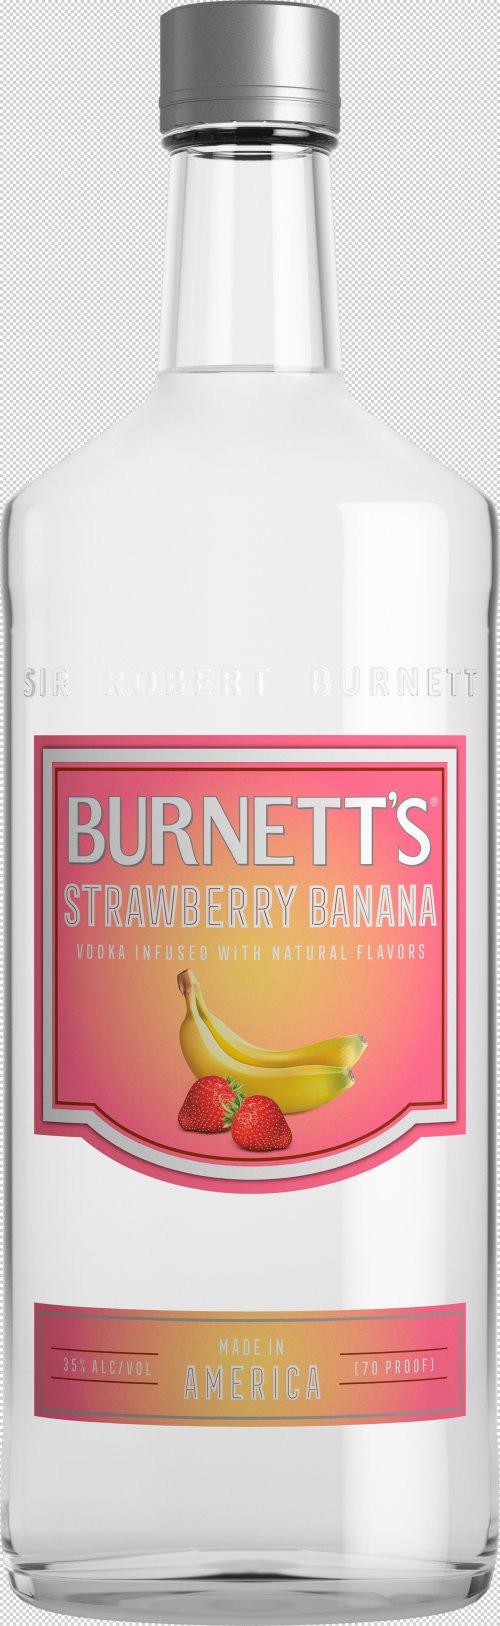 Burnett's Strawberry/Banana Flavored Vodka 1L